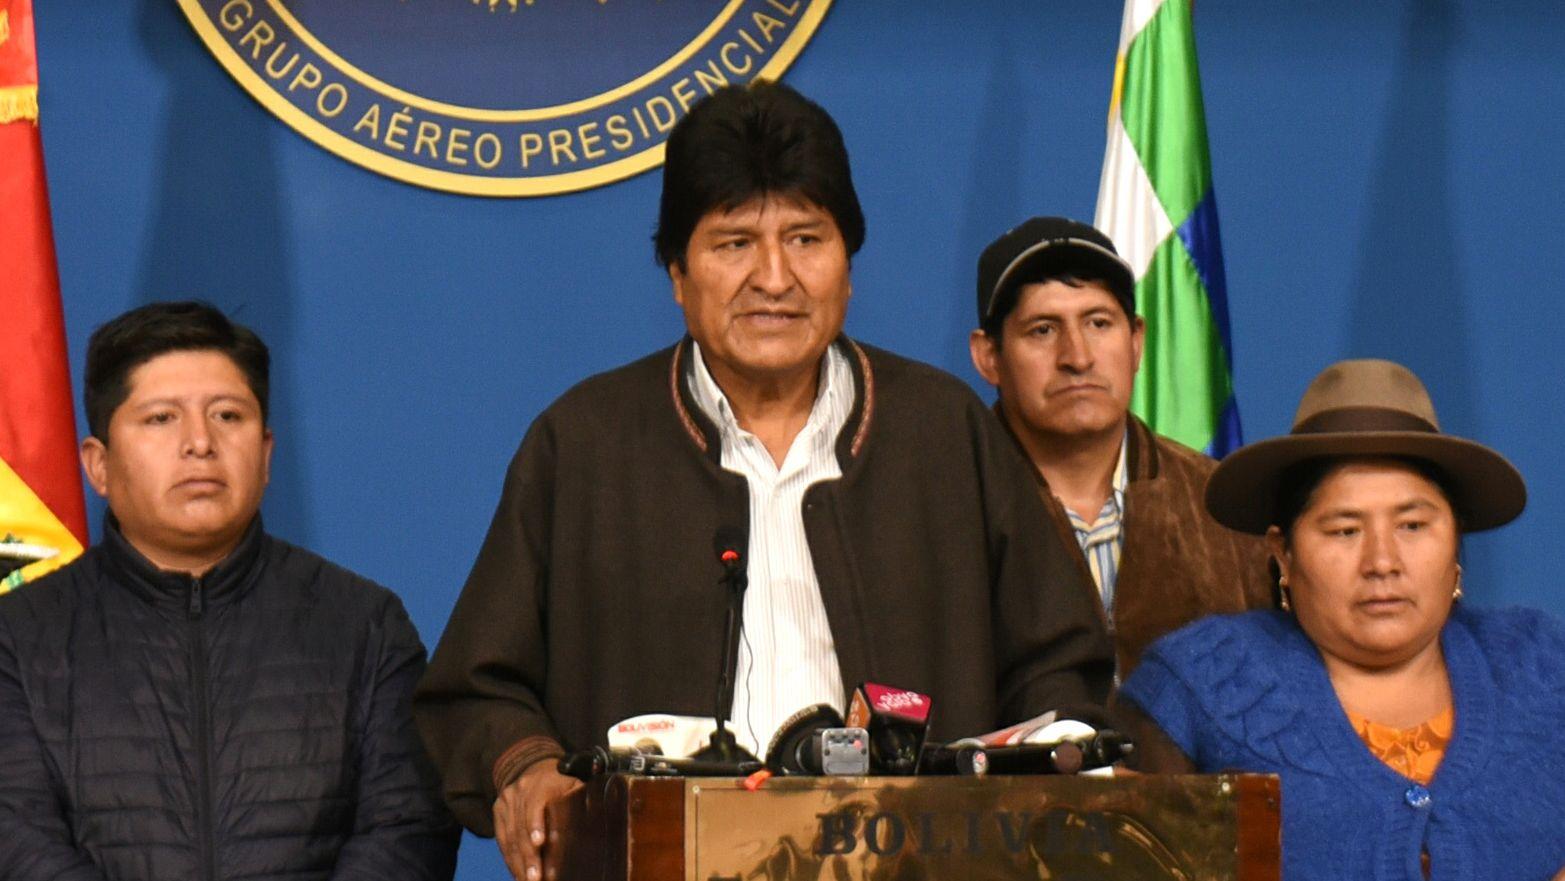 Der bolivianische Präsident Evo Morales bei einer Pressekonferenz in El Alto.